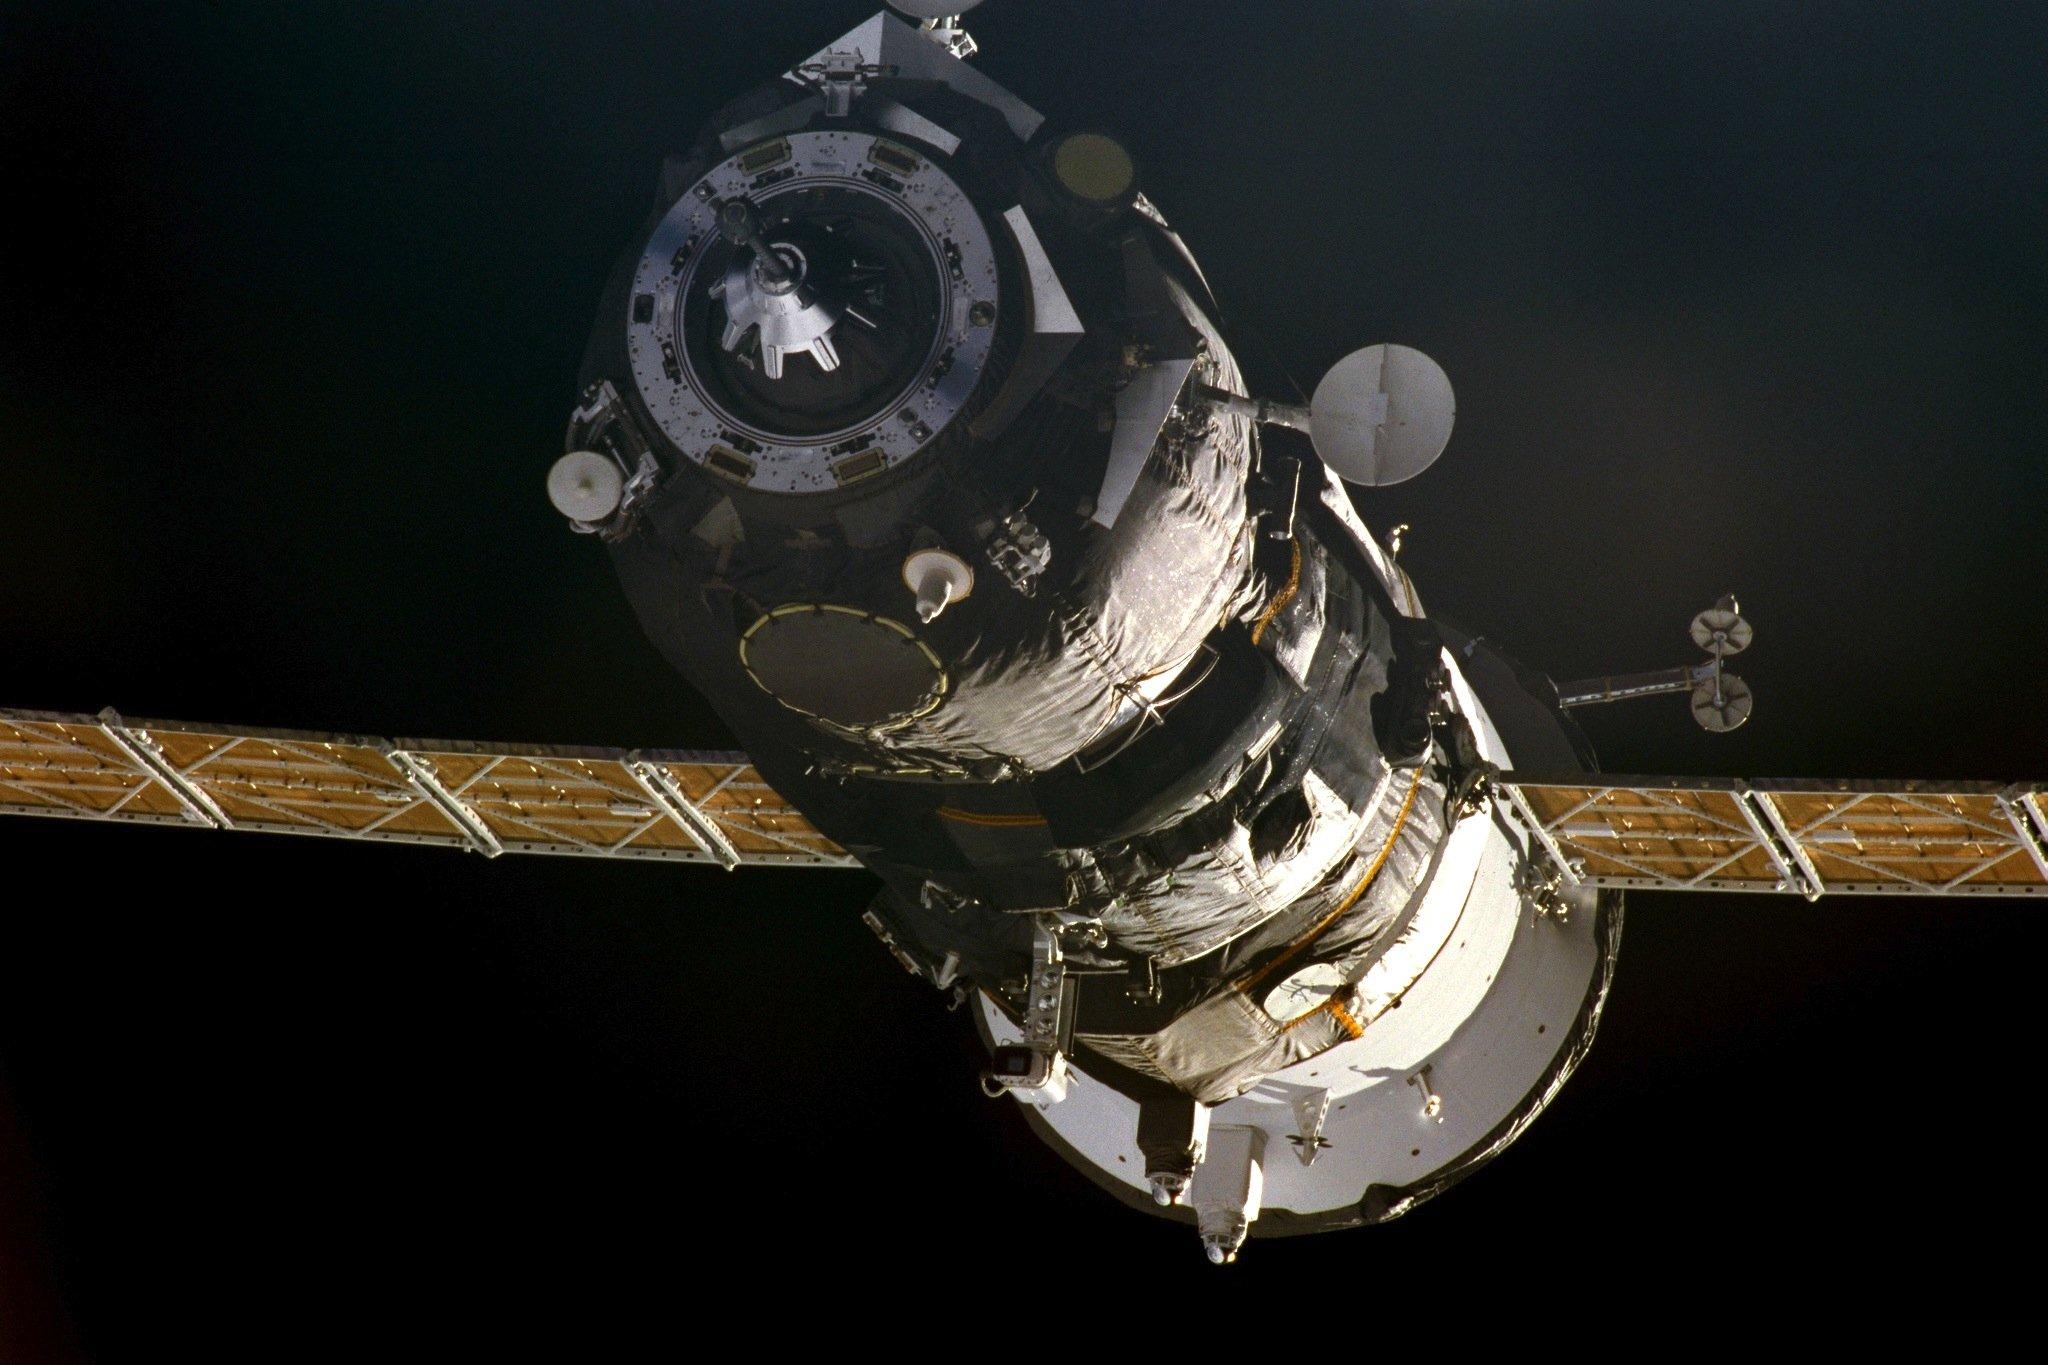 Die ISS am 18. November 2000: Die Station war erst im Aufbau und war nur 13 m kurz. Privatsphäre für die erste Besatzung gab es überhaupt nicht. Im Bild ist auch der angedockte Progress-Transporter zu sehen, der zwei Tonnen Nahrung, Kleidung, Hardware und Weihnachtsgeschenke zur ISS brachte.